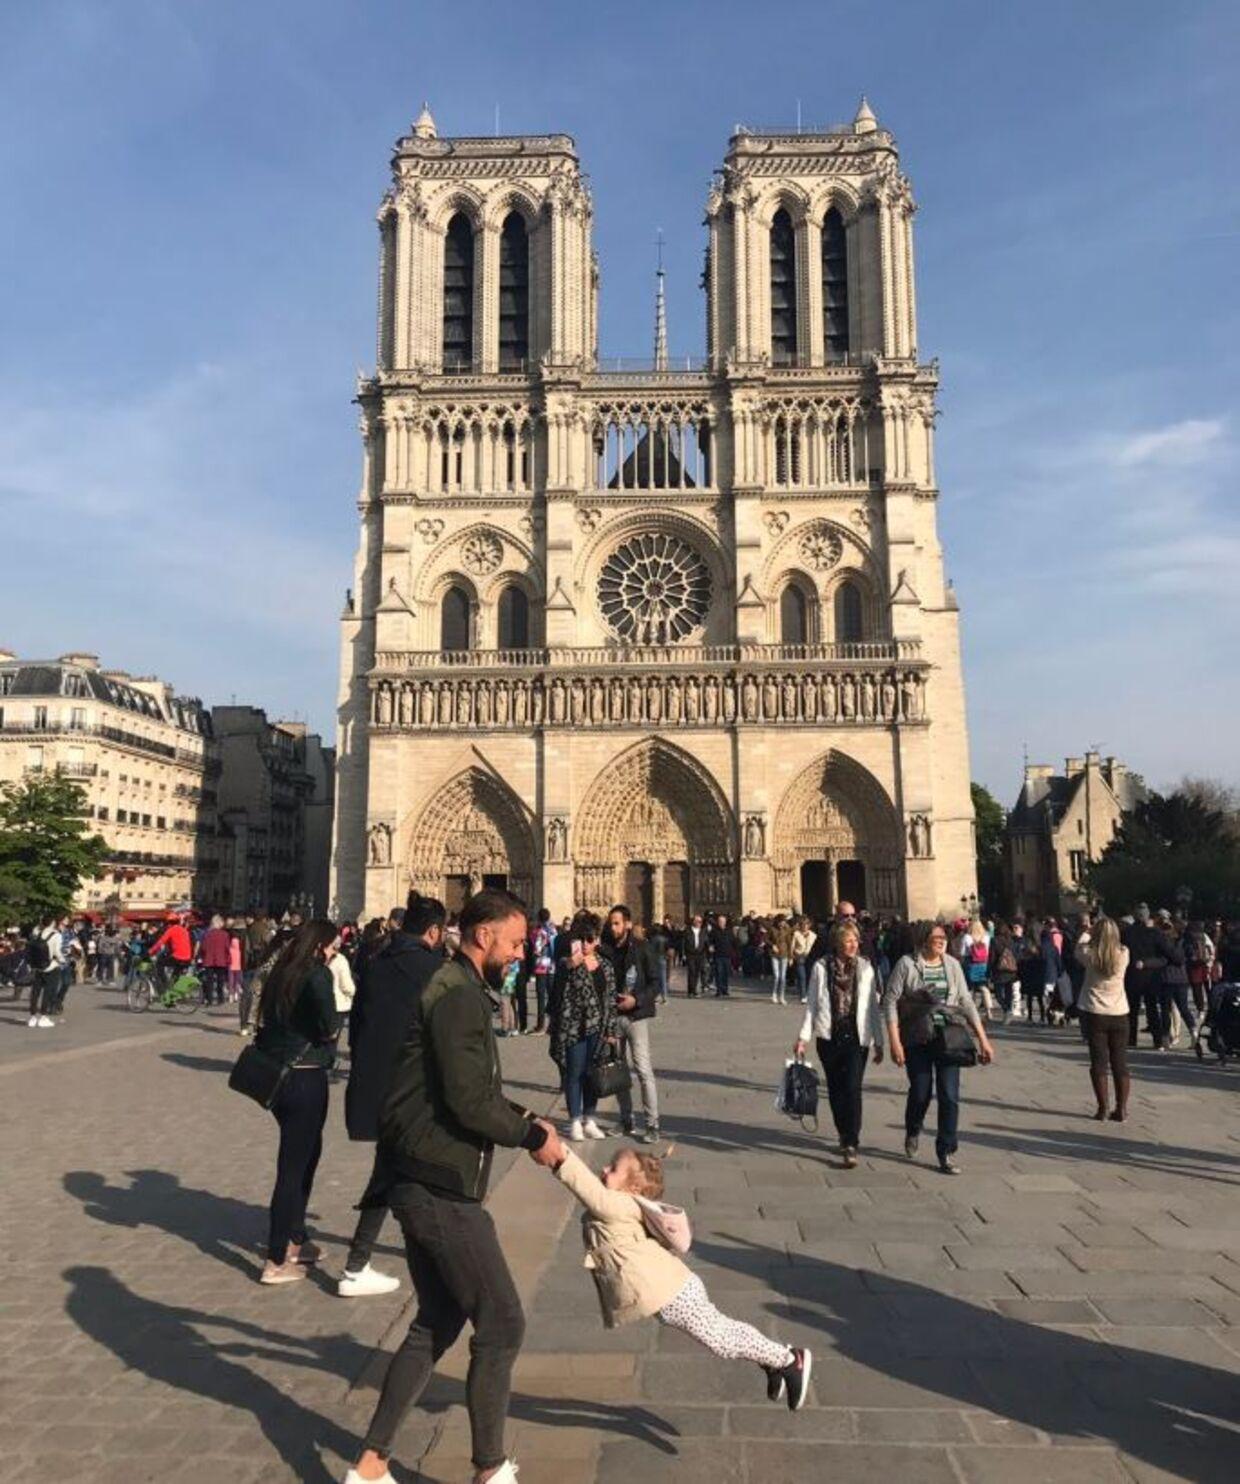 Dette billede gik verden rundt, efter at den ikoniske katedral Notre Dame brød i brand. Nu har fotografen fået kontakt til faren, der leger med sin datter på billedet. Det blev taget, blot en time før katedralen begyndte at brænde.